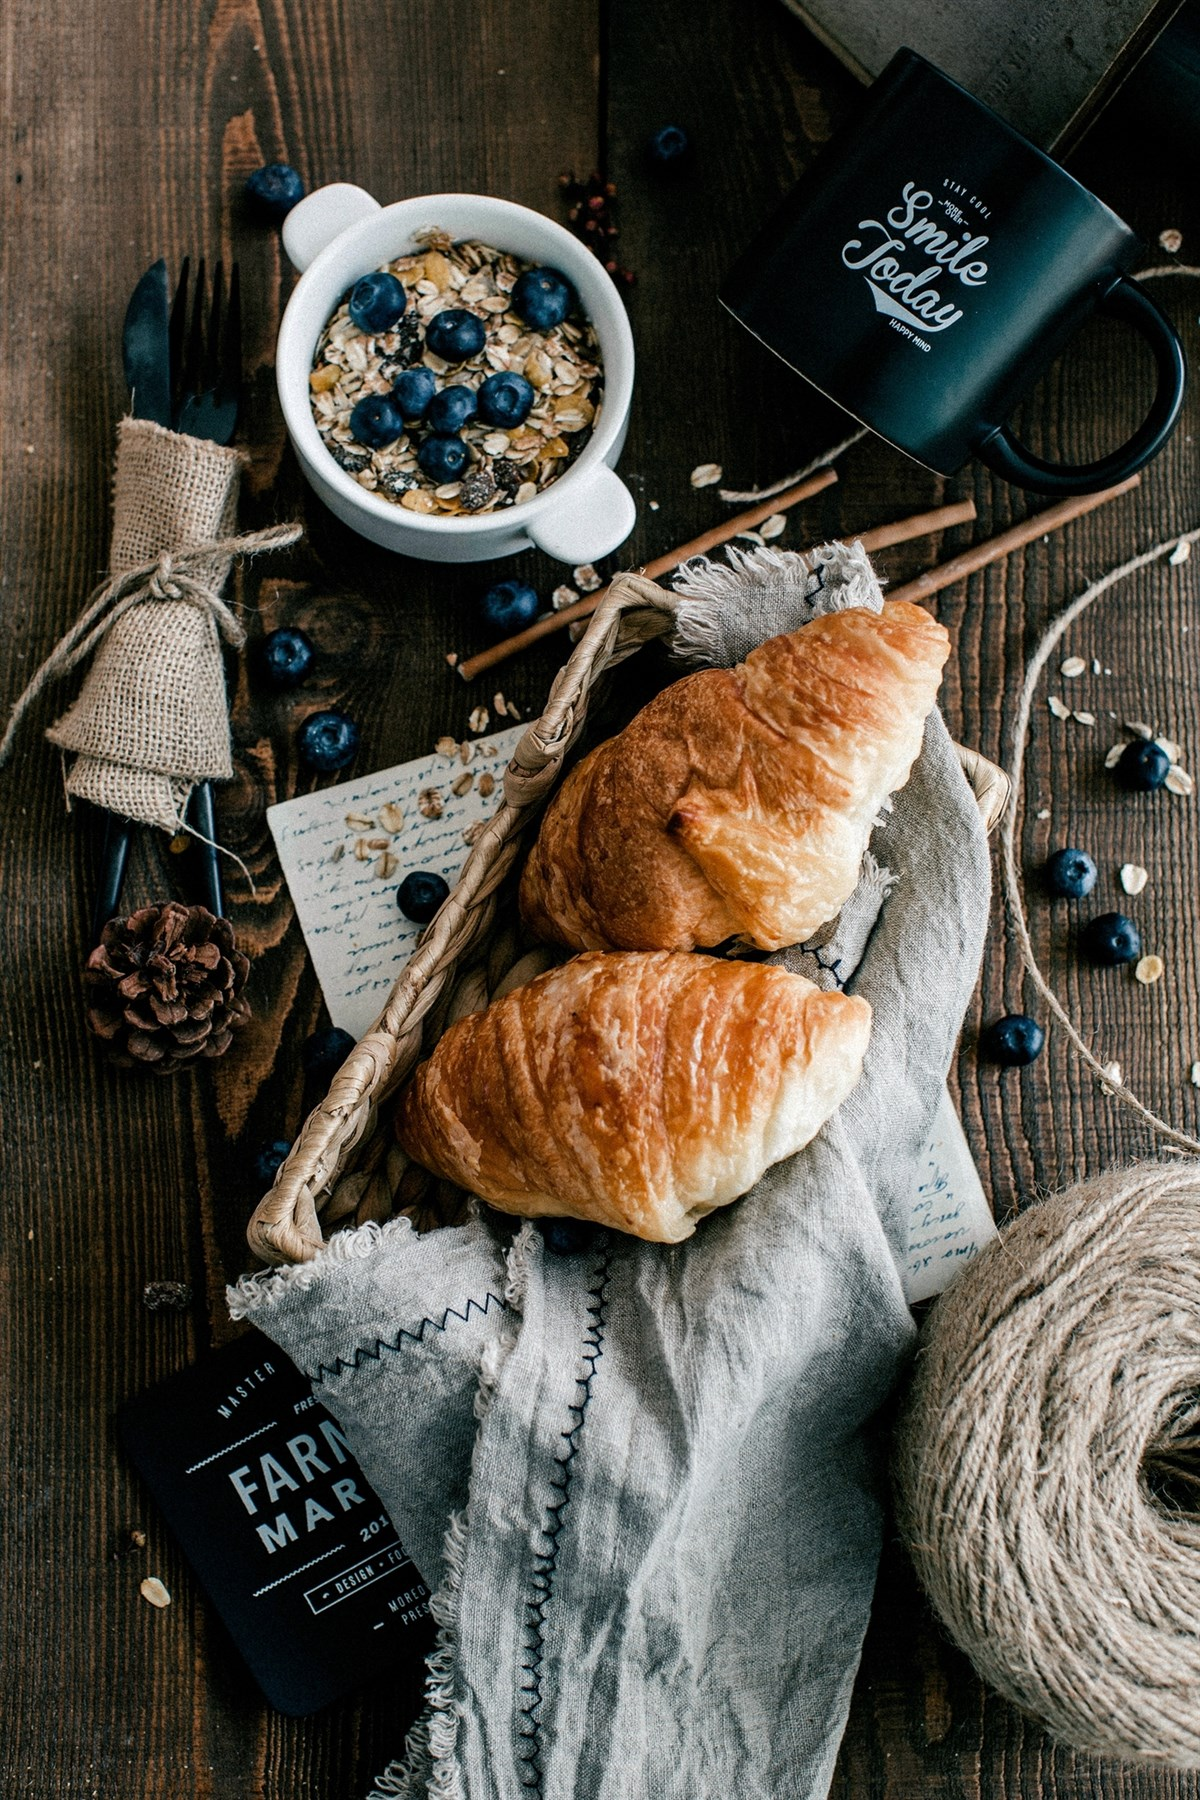 希望每天都被这样的早餐唤醒